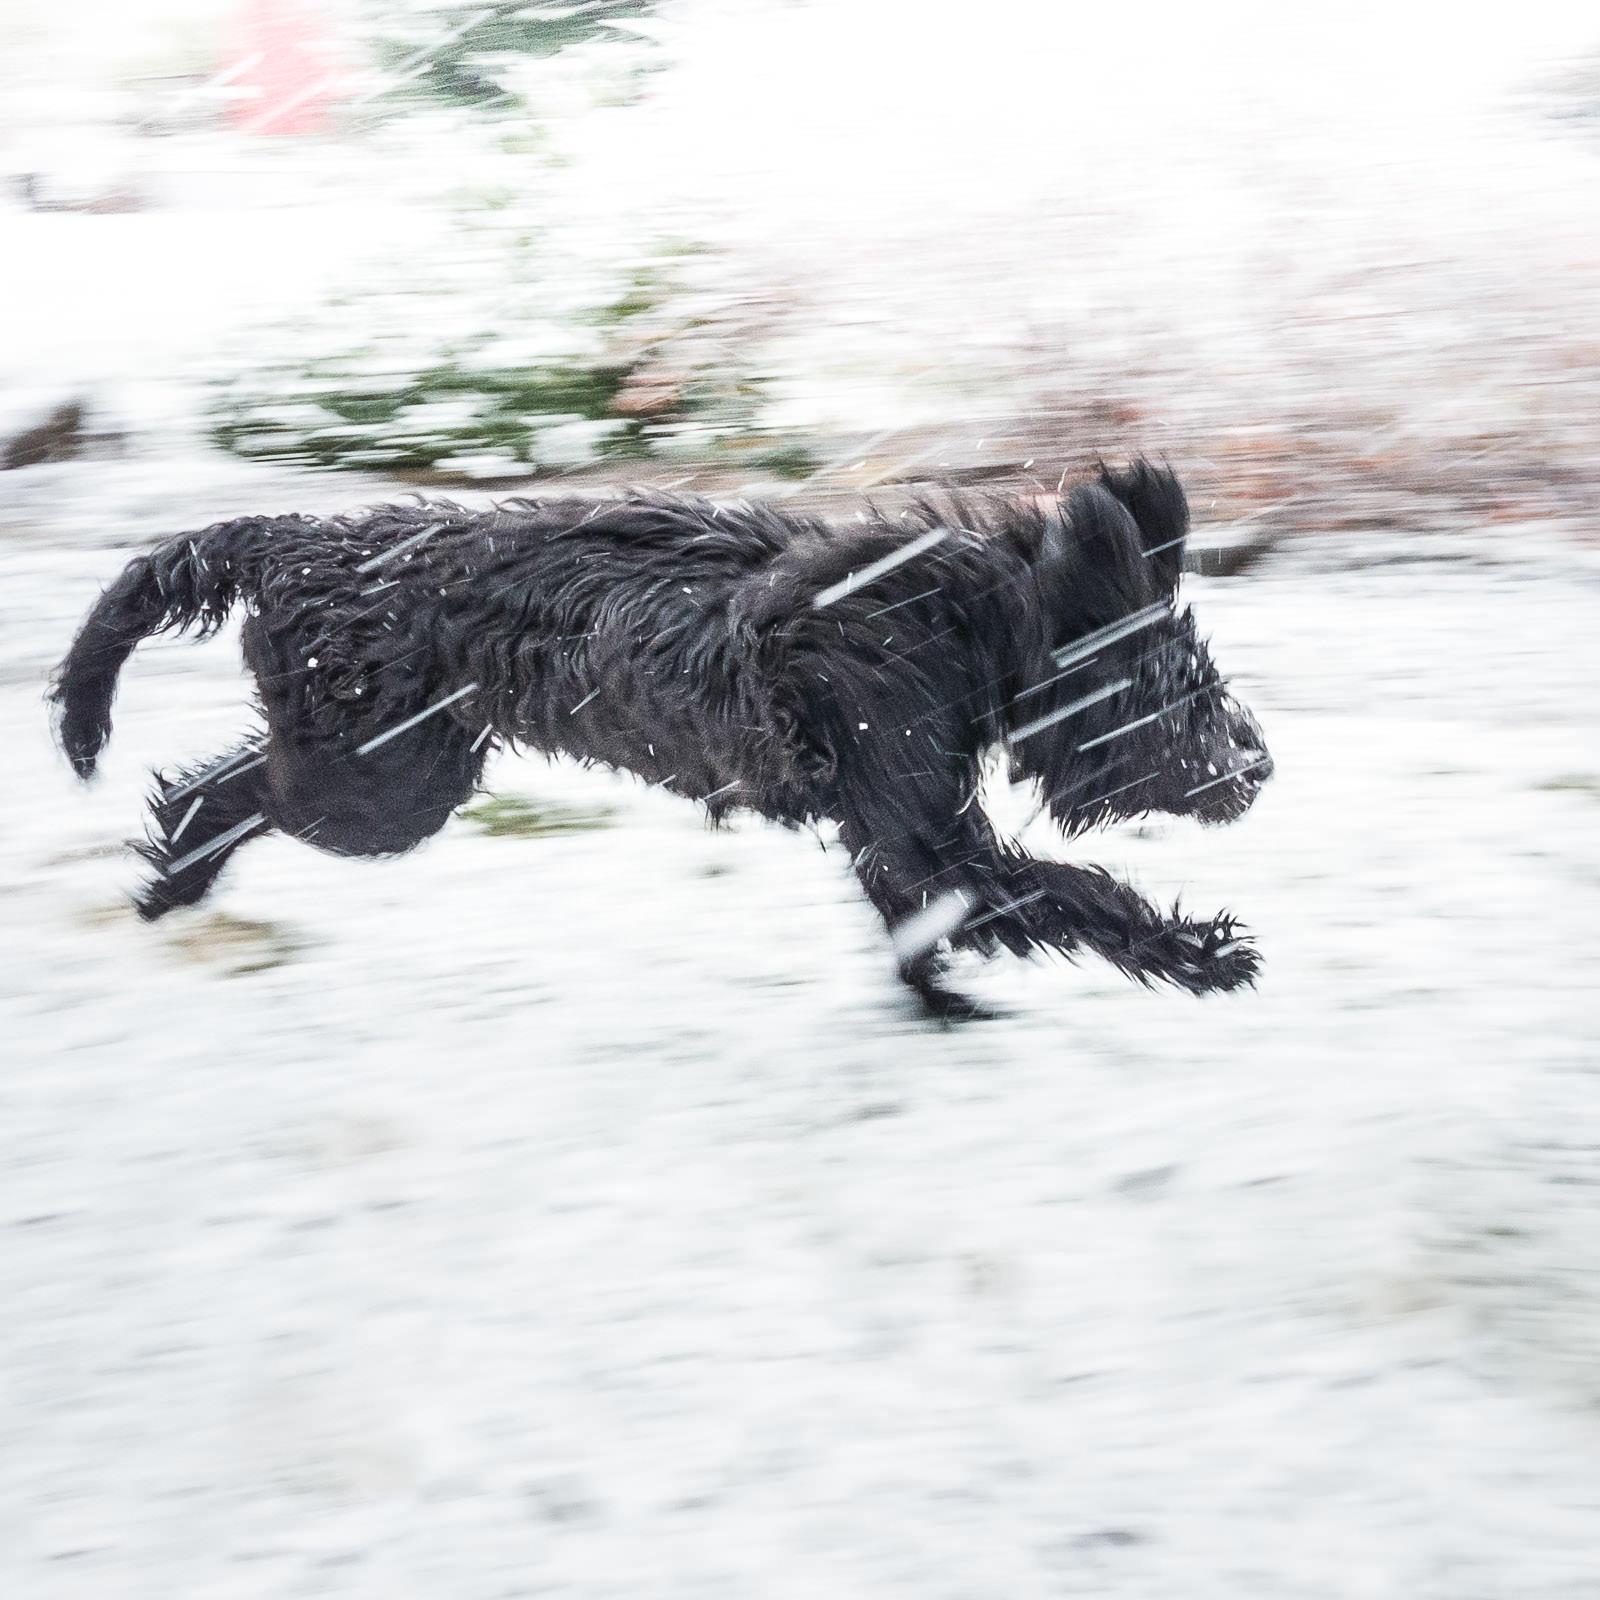 Mögen Portugiesische Wasserhunde Schnee?